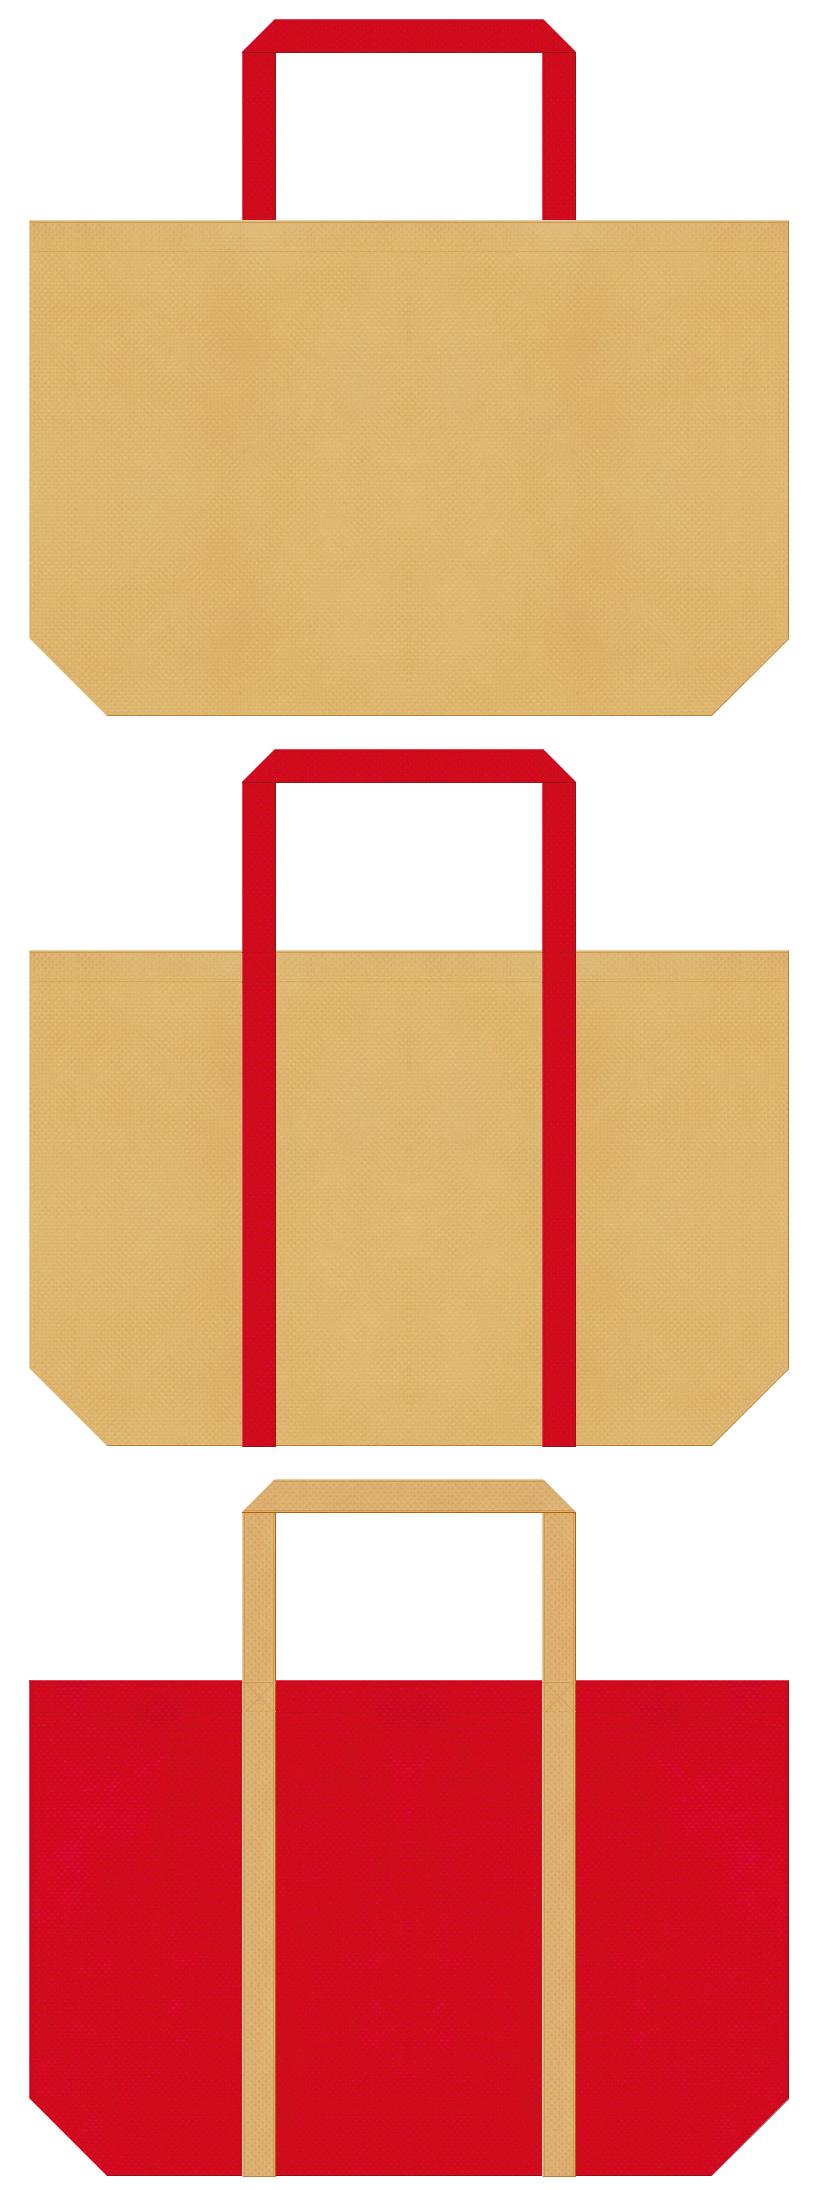 薄黄土色と紅色の不織布バッグデザイン。節分商品・お城イベントのバッグノベルティにお奨めです。